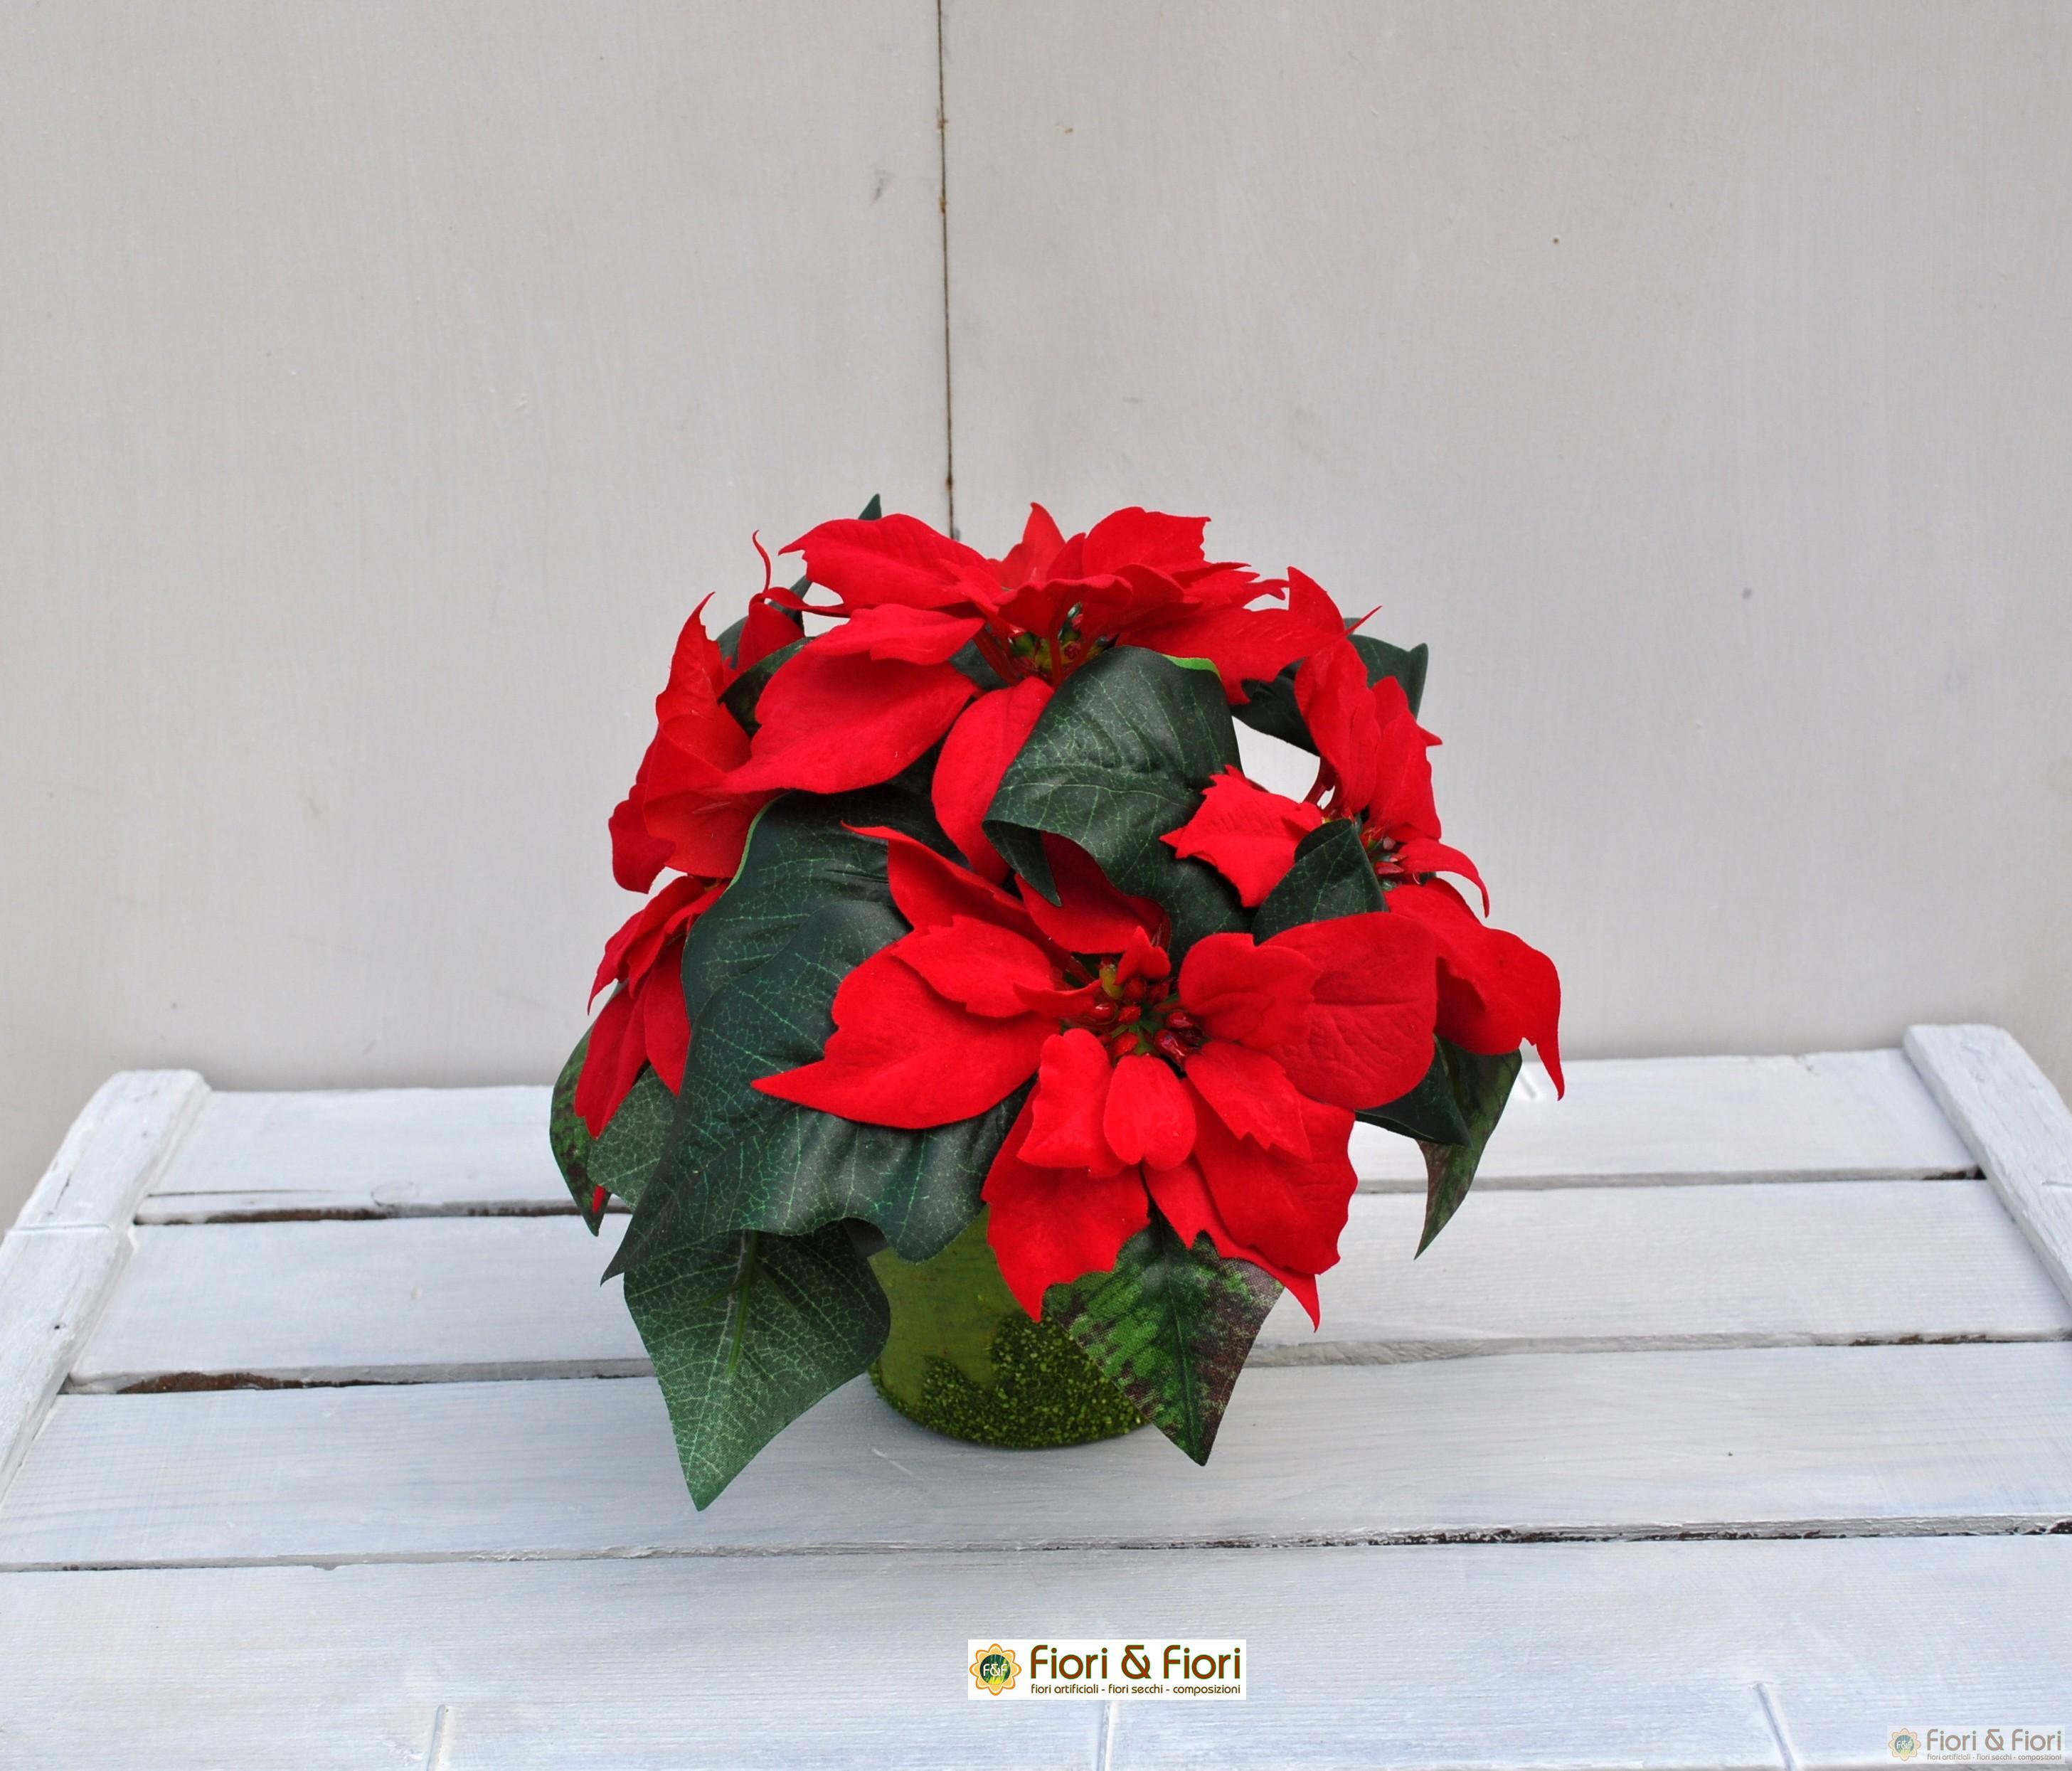 Foto Stella Di Natale.Vaso Stella Di Natale Artificiale In Tessuto Per Decorazioni Natalizie